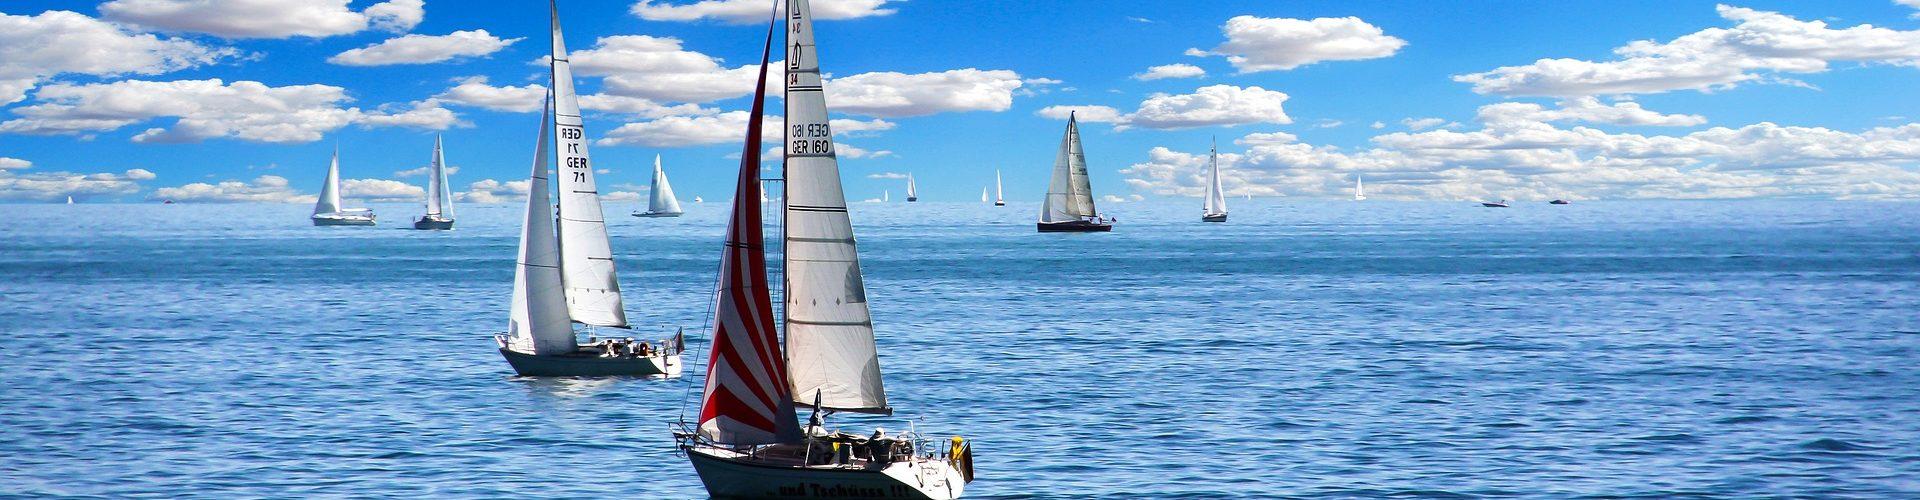 segeln lernen in Wertheim segelschein machen in Wertheim 1920x500 - Segeln lernen in Wertheim